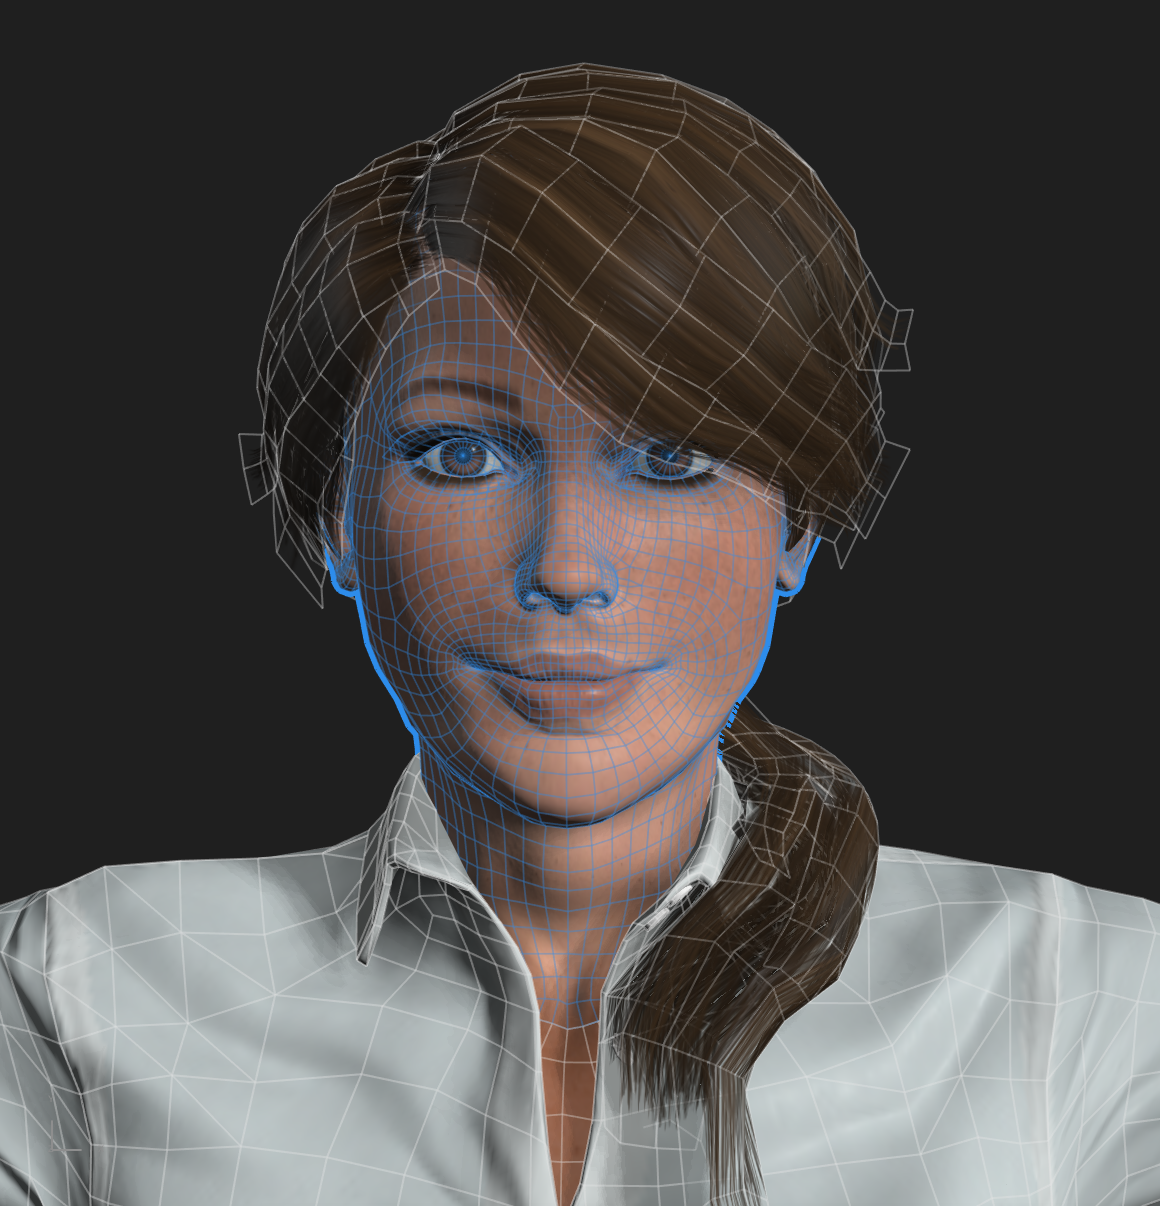 Stefanini anuncia novo canal de atendimento com sua plataforma de inteligência artificial Sophie